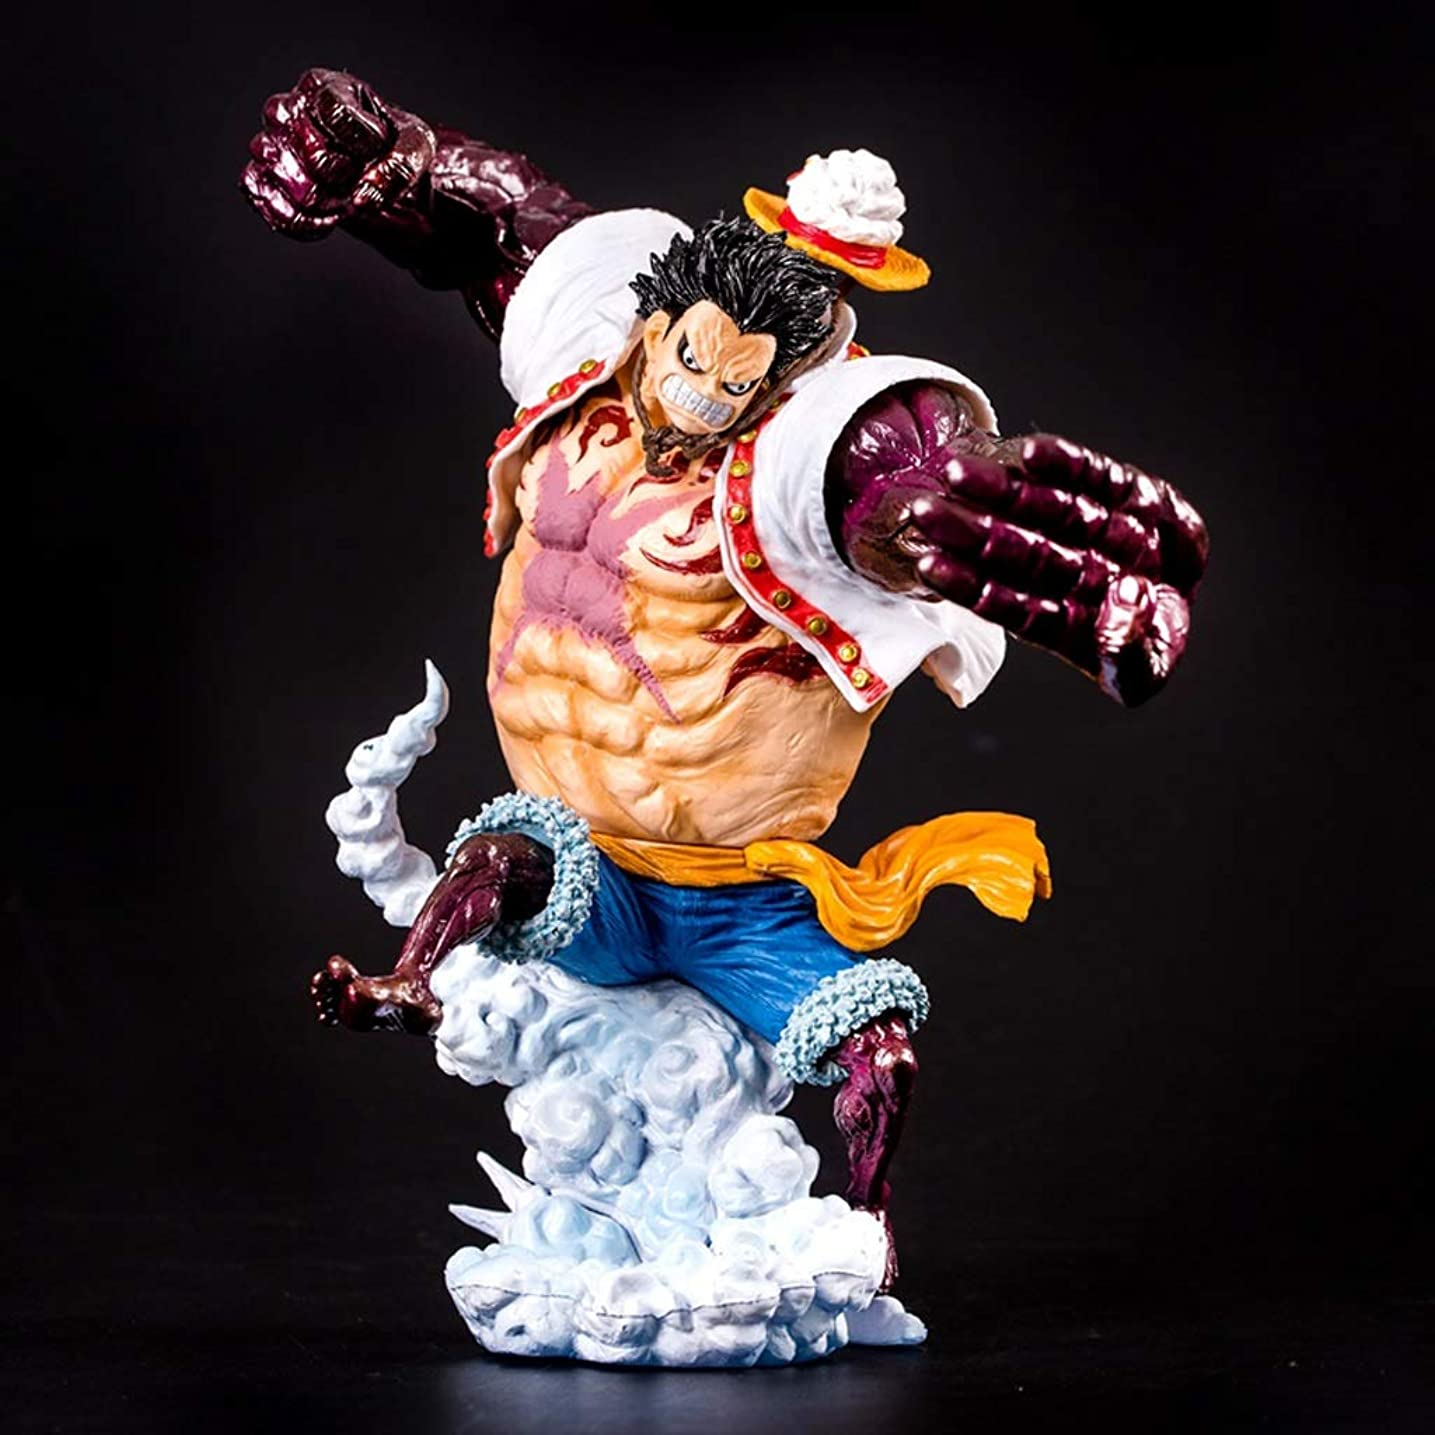 可能性既に交渉する玩具像玩具モデル漫画のキャラクターお土産/工芸品21.5CM JSFQ